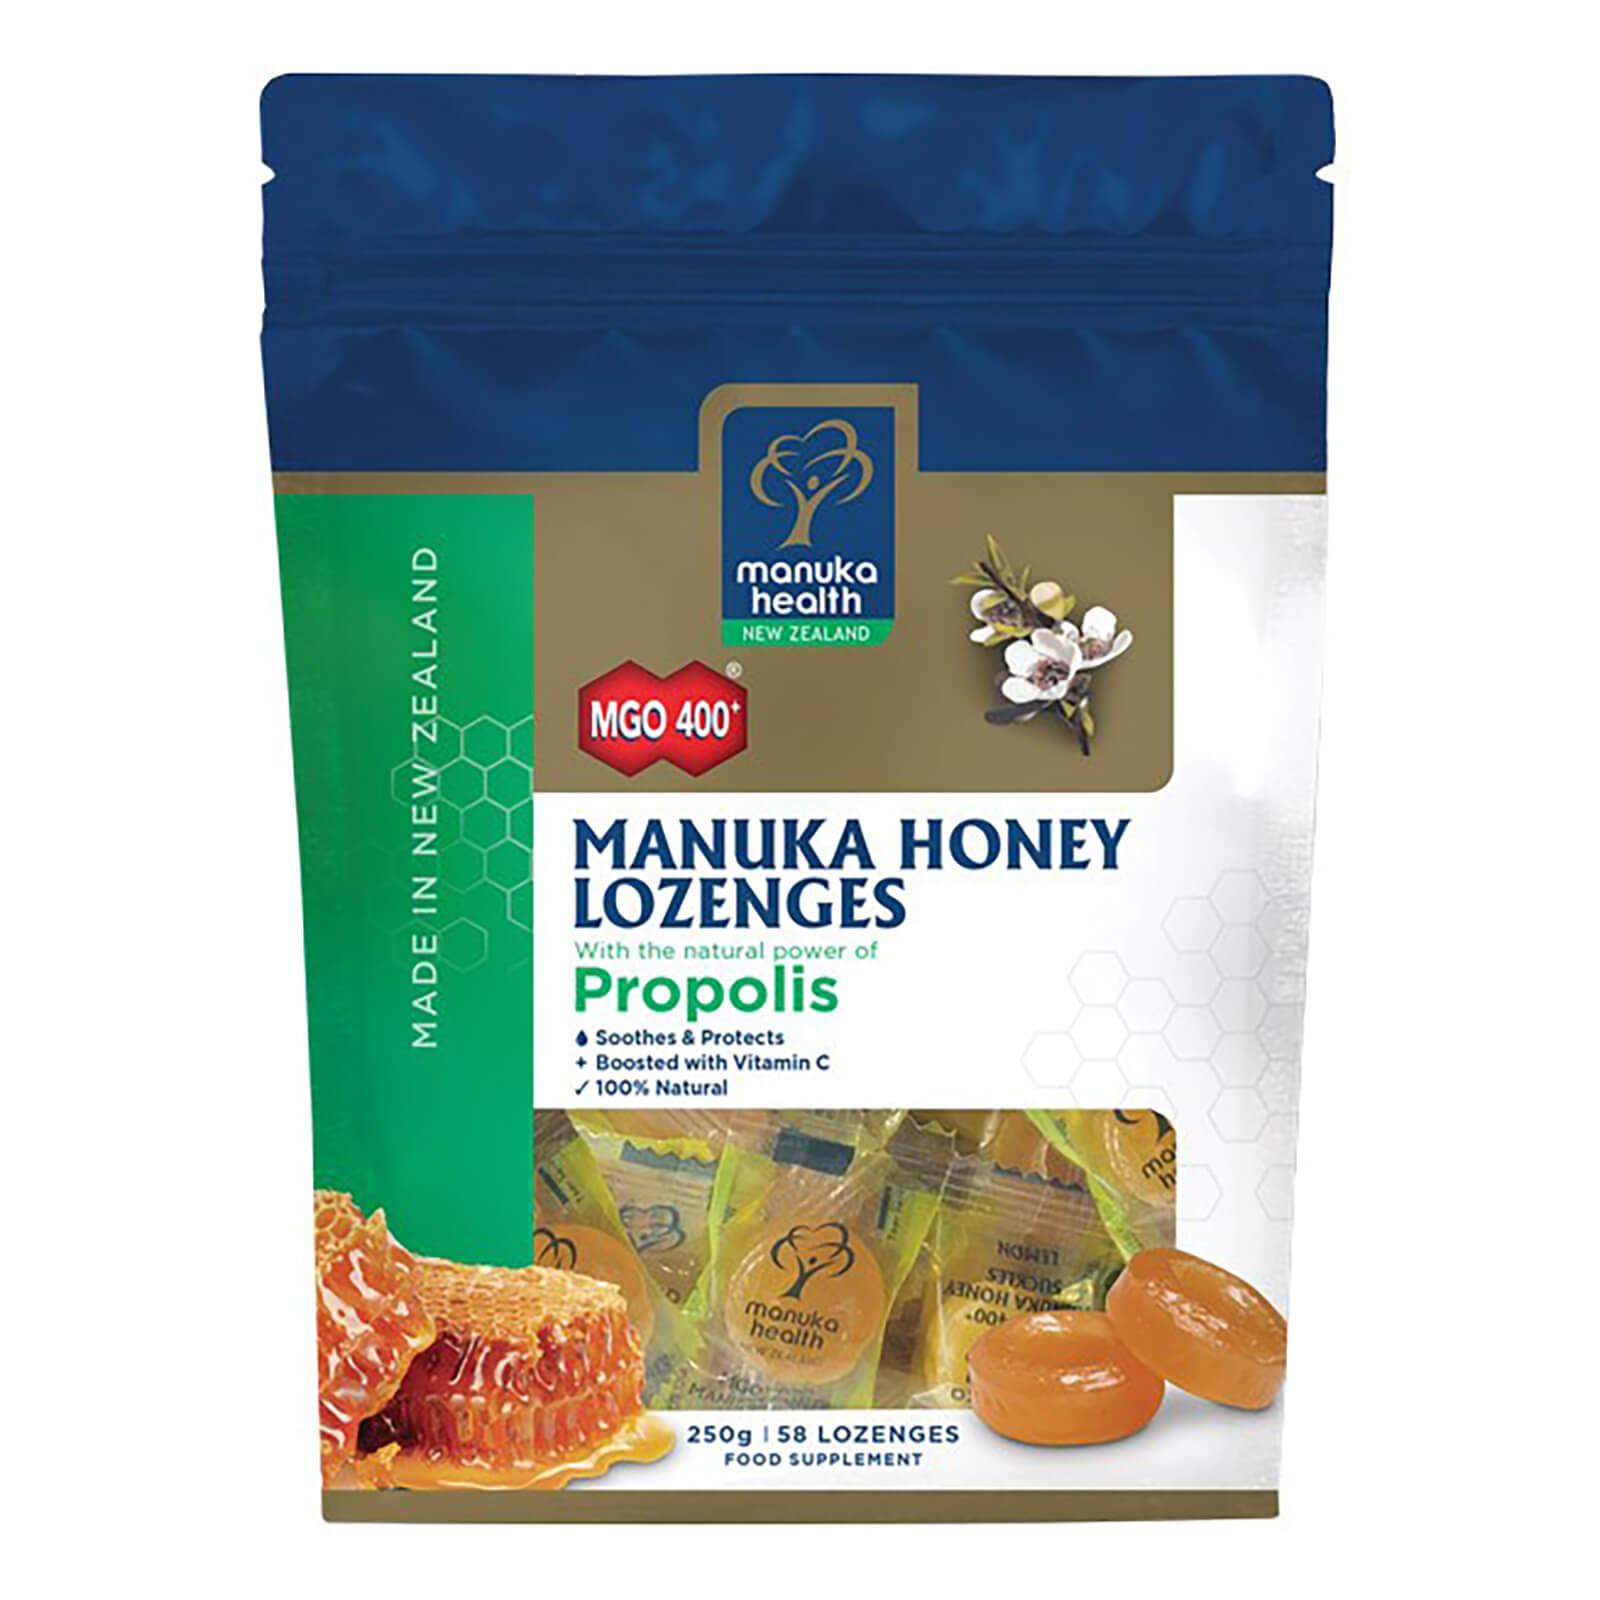 Manuka Health New Zealand Ltd MGO 400+ Manuka Honey Lozenges with Propolis - 58 Lozenges